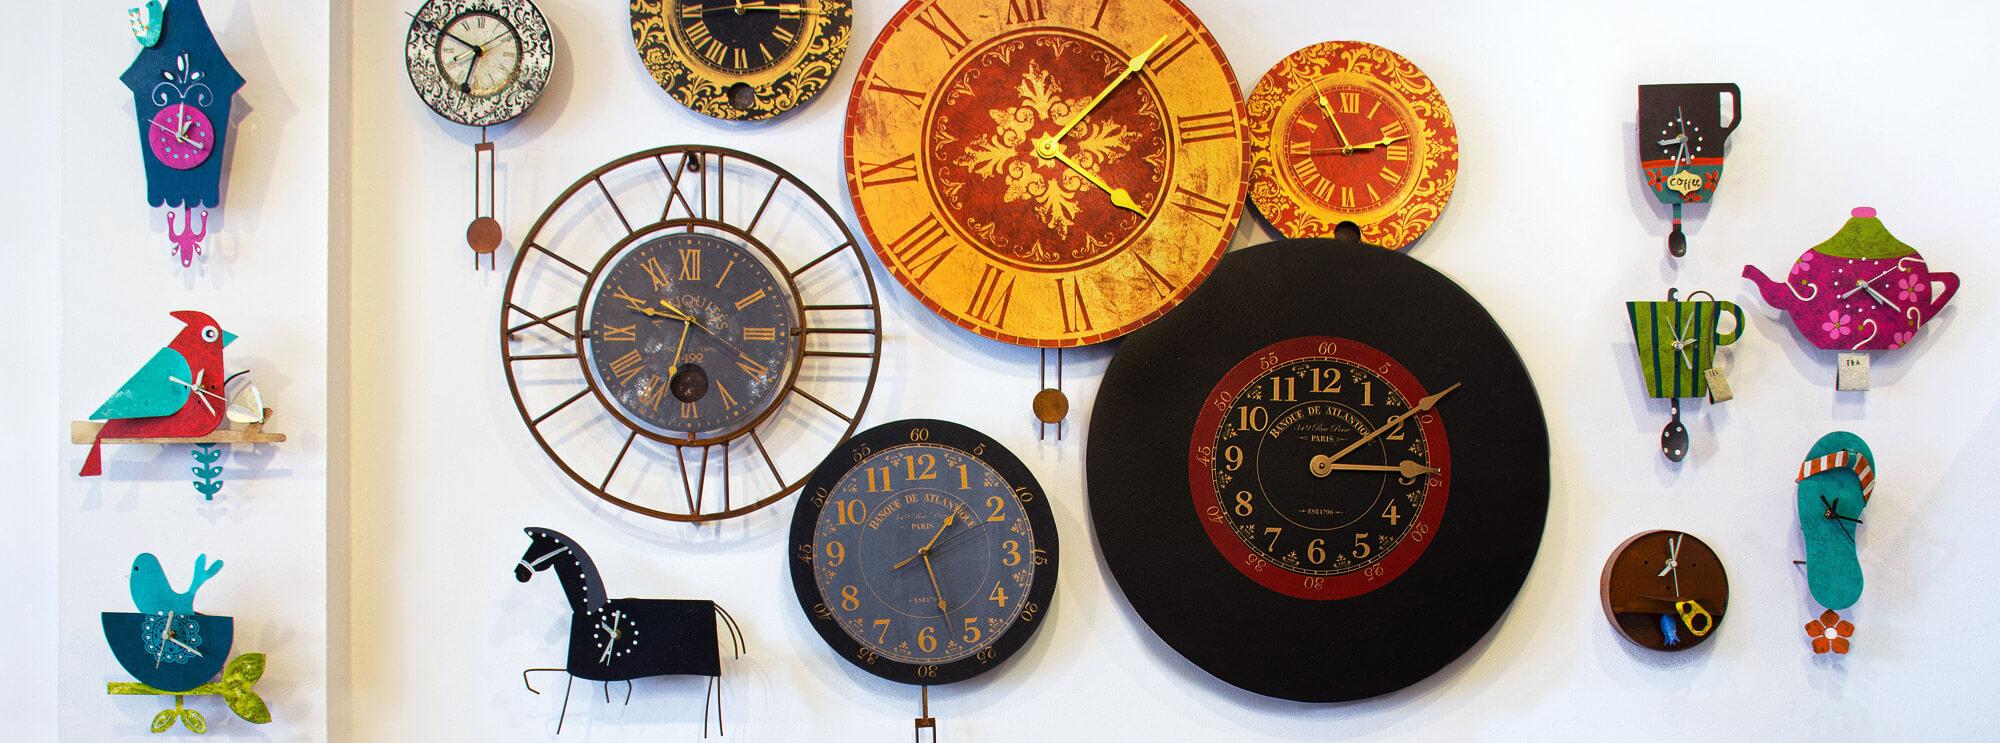 Óxidos Relojes